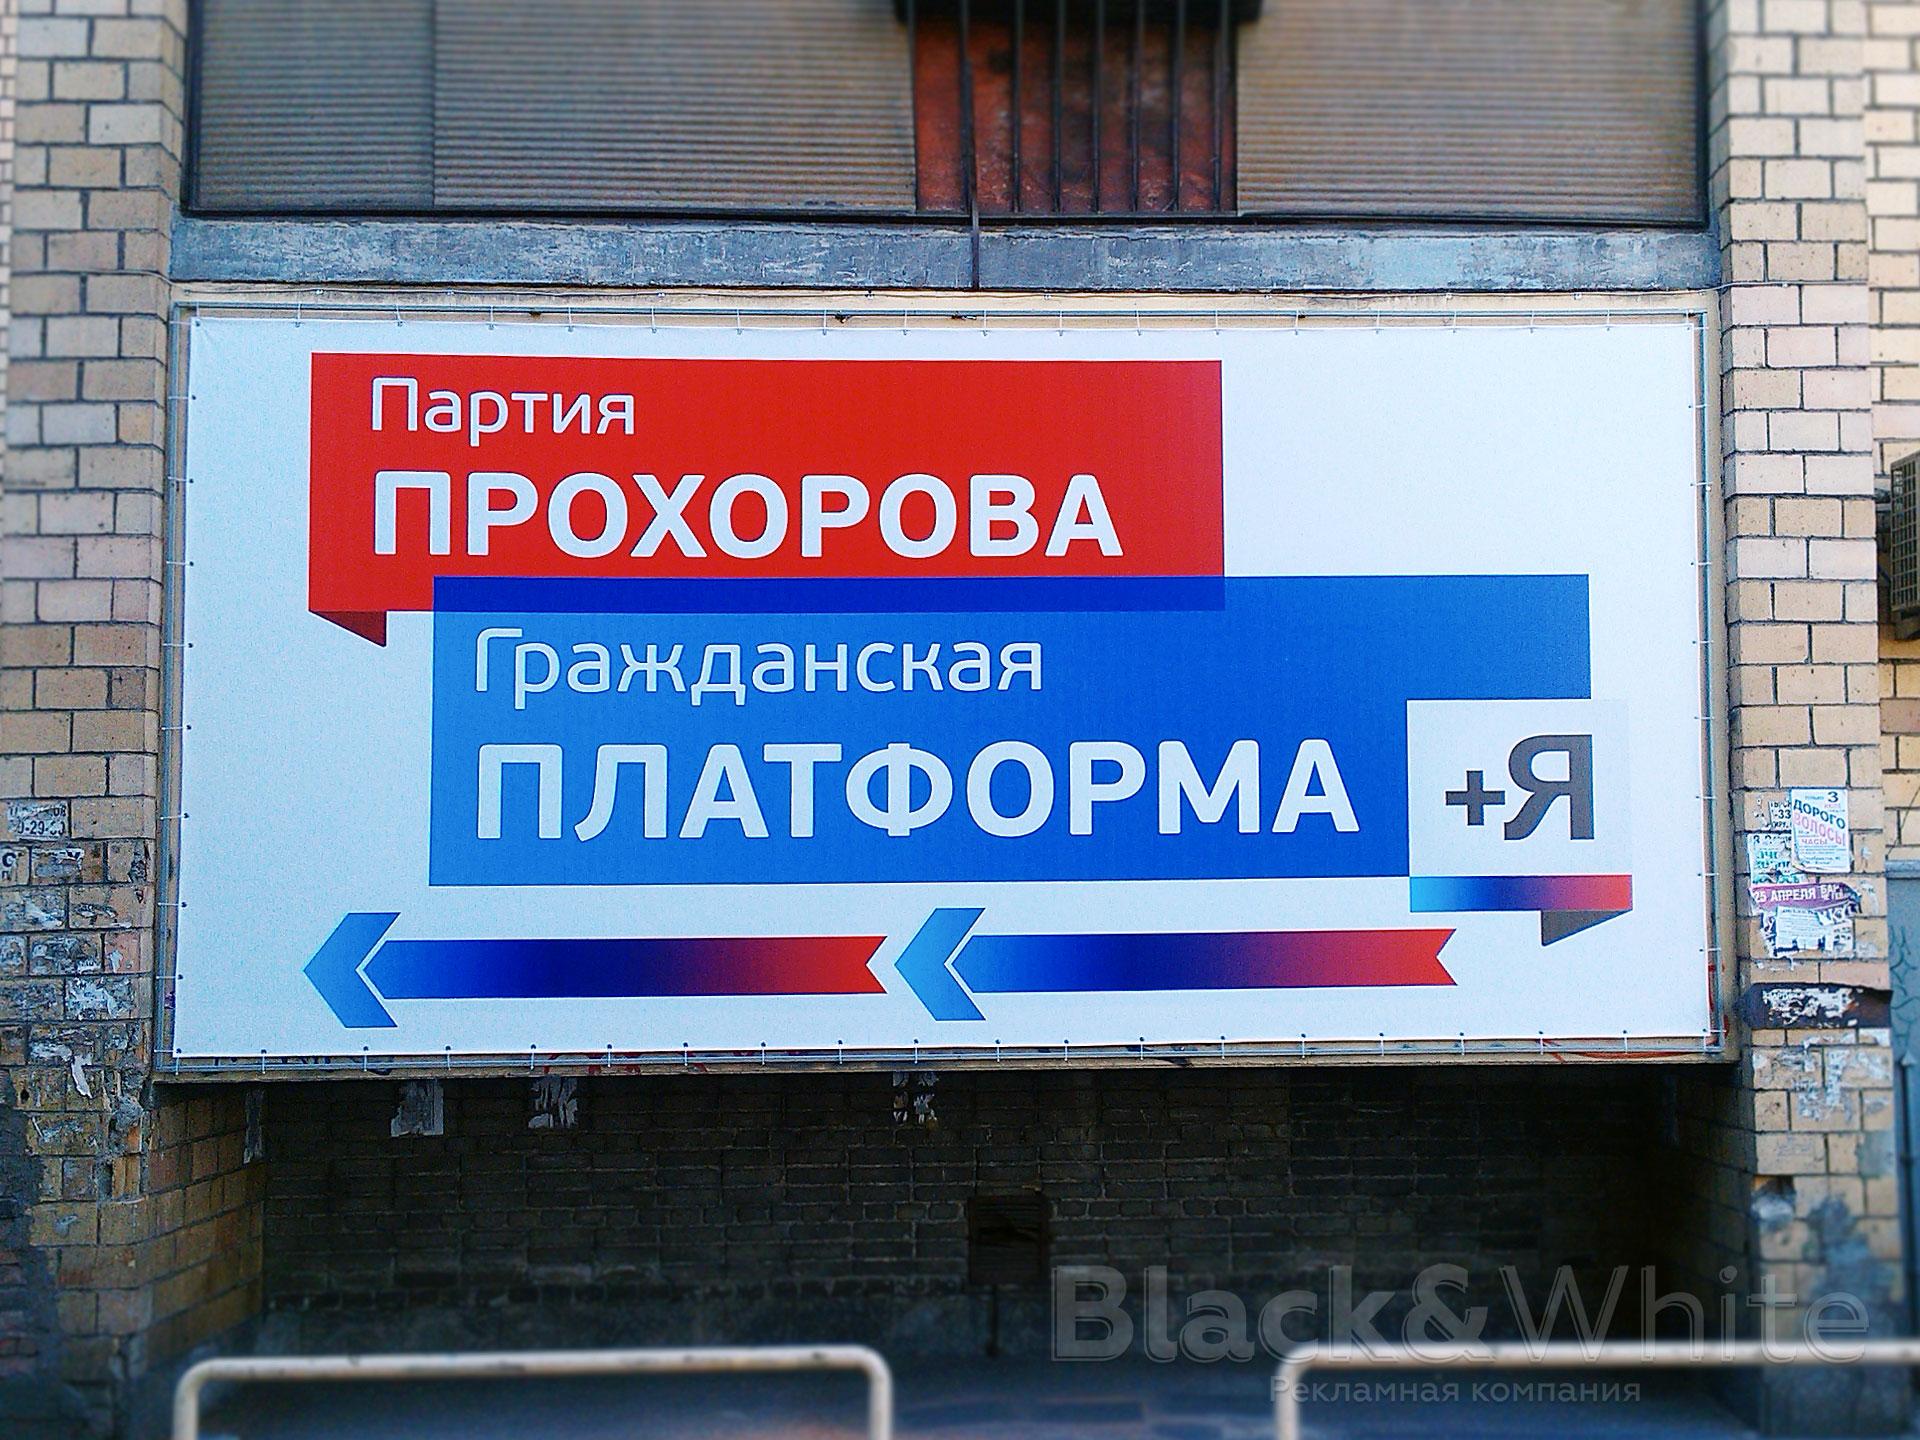 Печать-на-баннере-металлокаркас-в-Красноярске...jpg